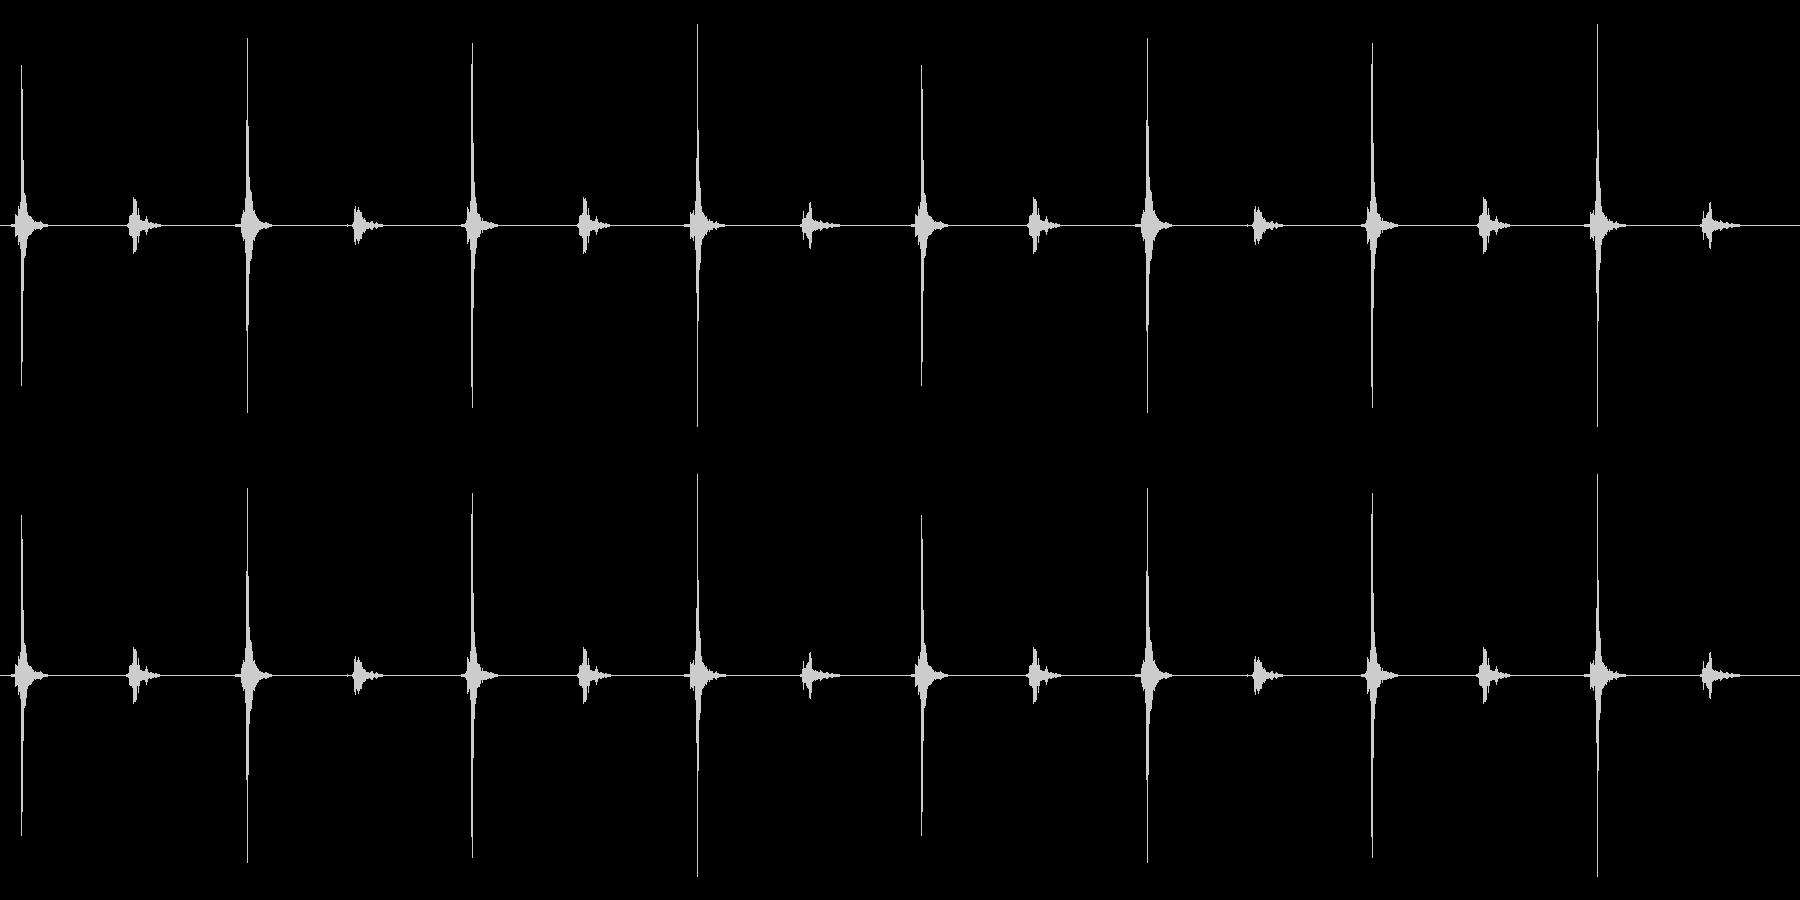 時計 秒針02-3(ループ 3)の未再生の波形